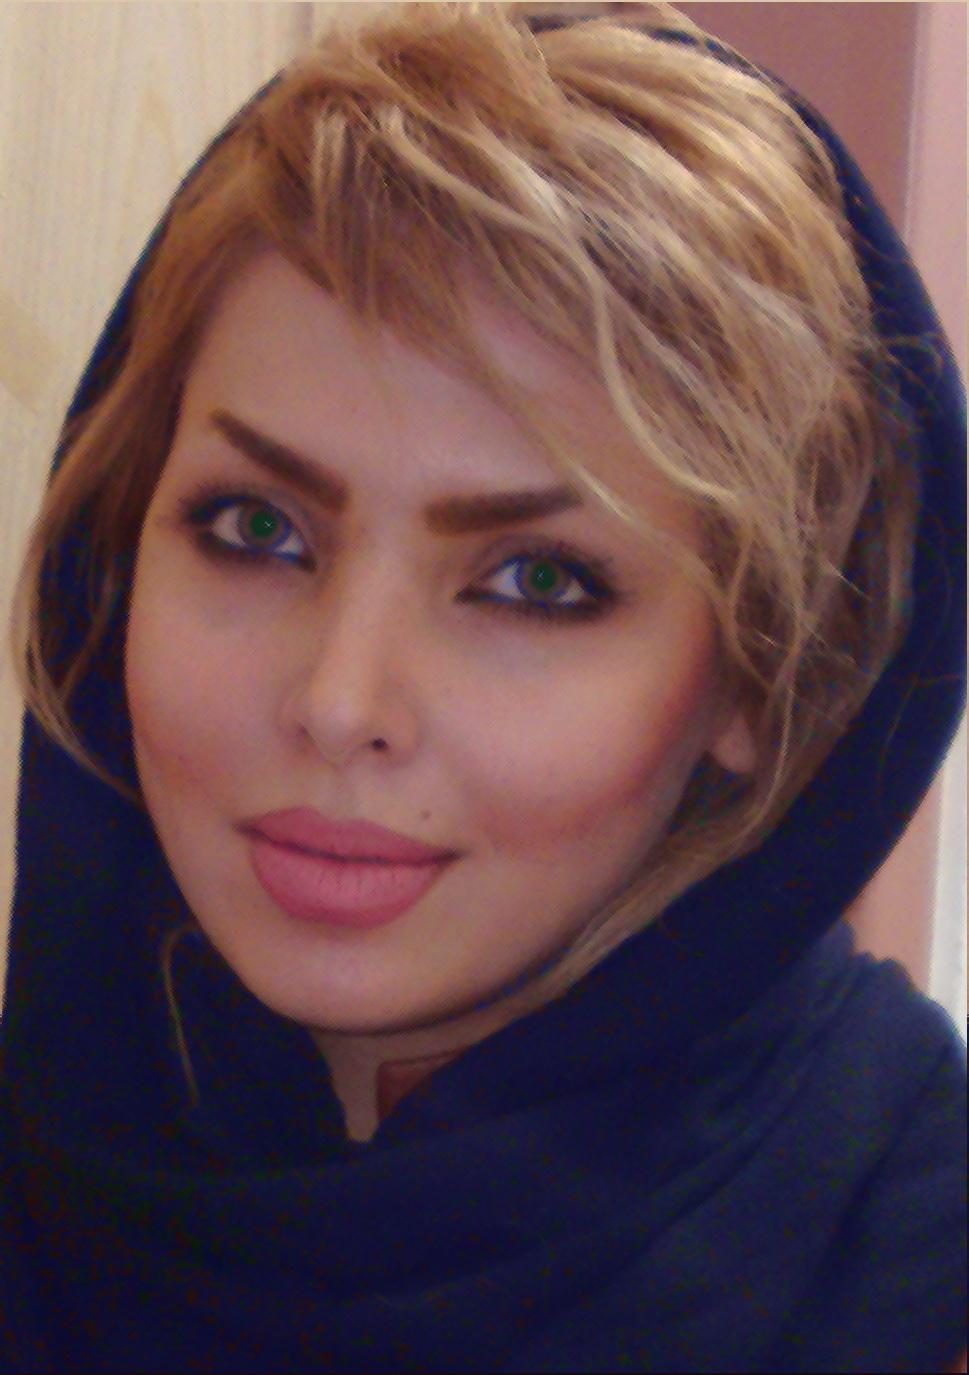 www.parsnaz.ir | عکس های فهیمه باقری بازیگر جدید سینما